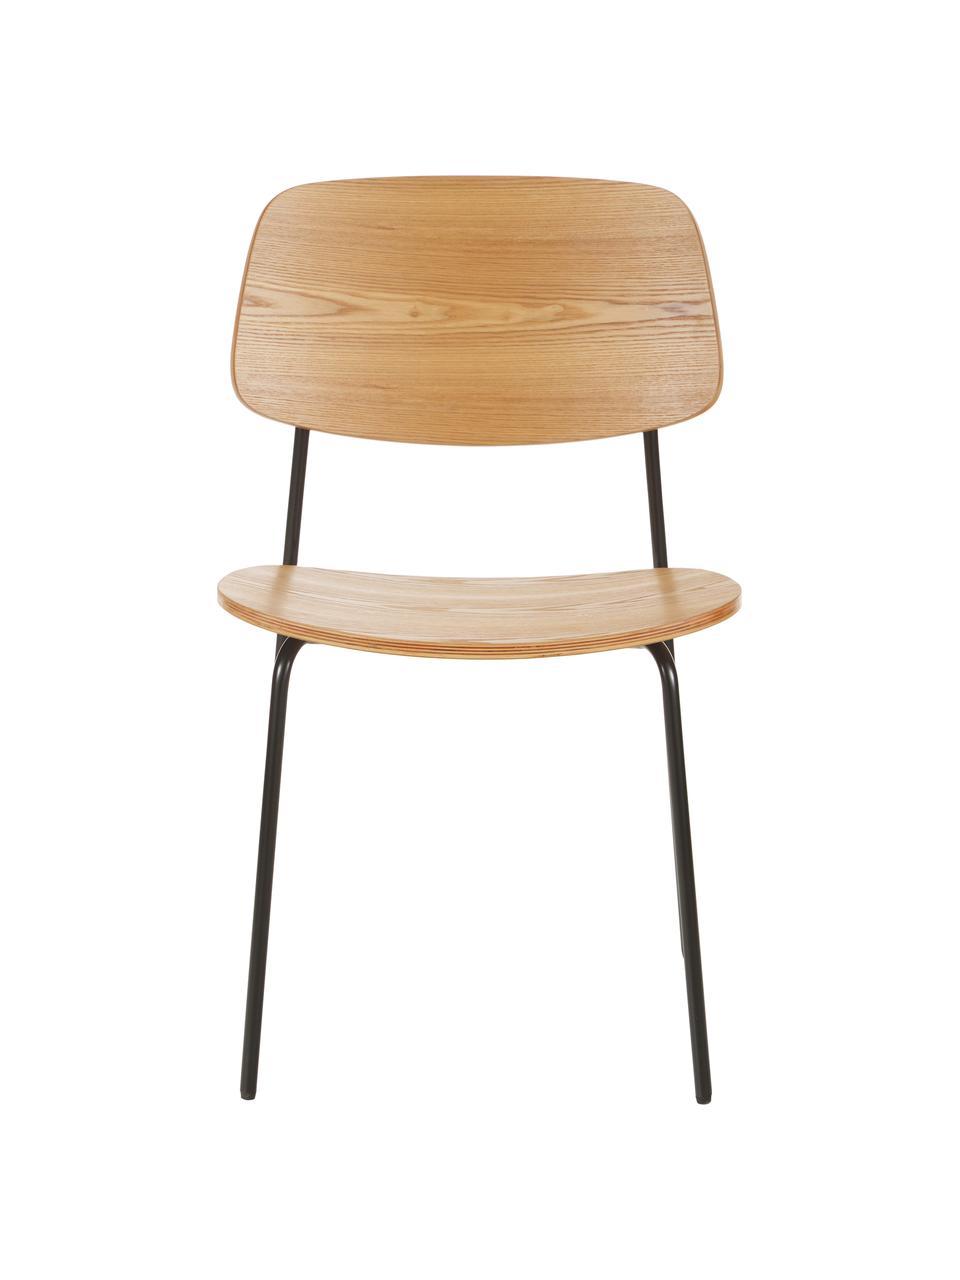 Houten stoelen Nadja, 2 stuks, Zitvlak: multiplex met essenhoutfi, Poten: gepoedercoat metaal, Essenhoutfineer, 50 x 53 cm